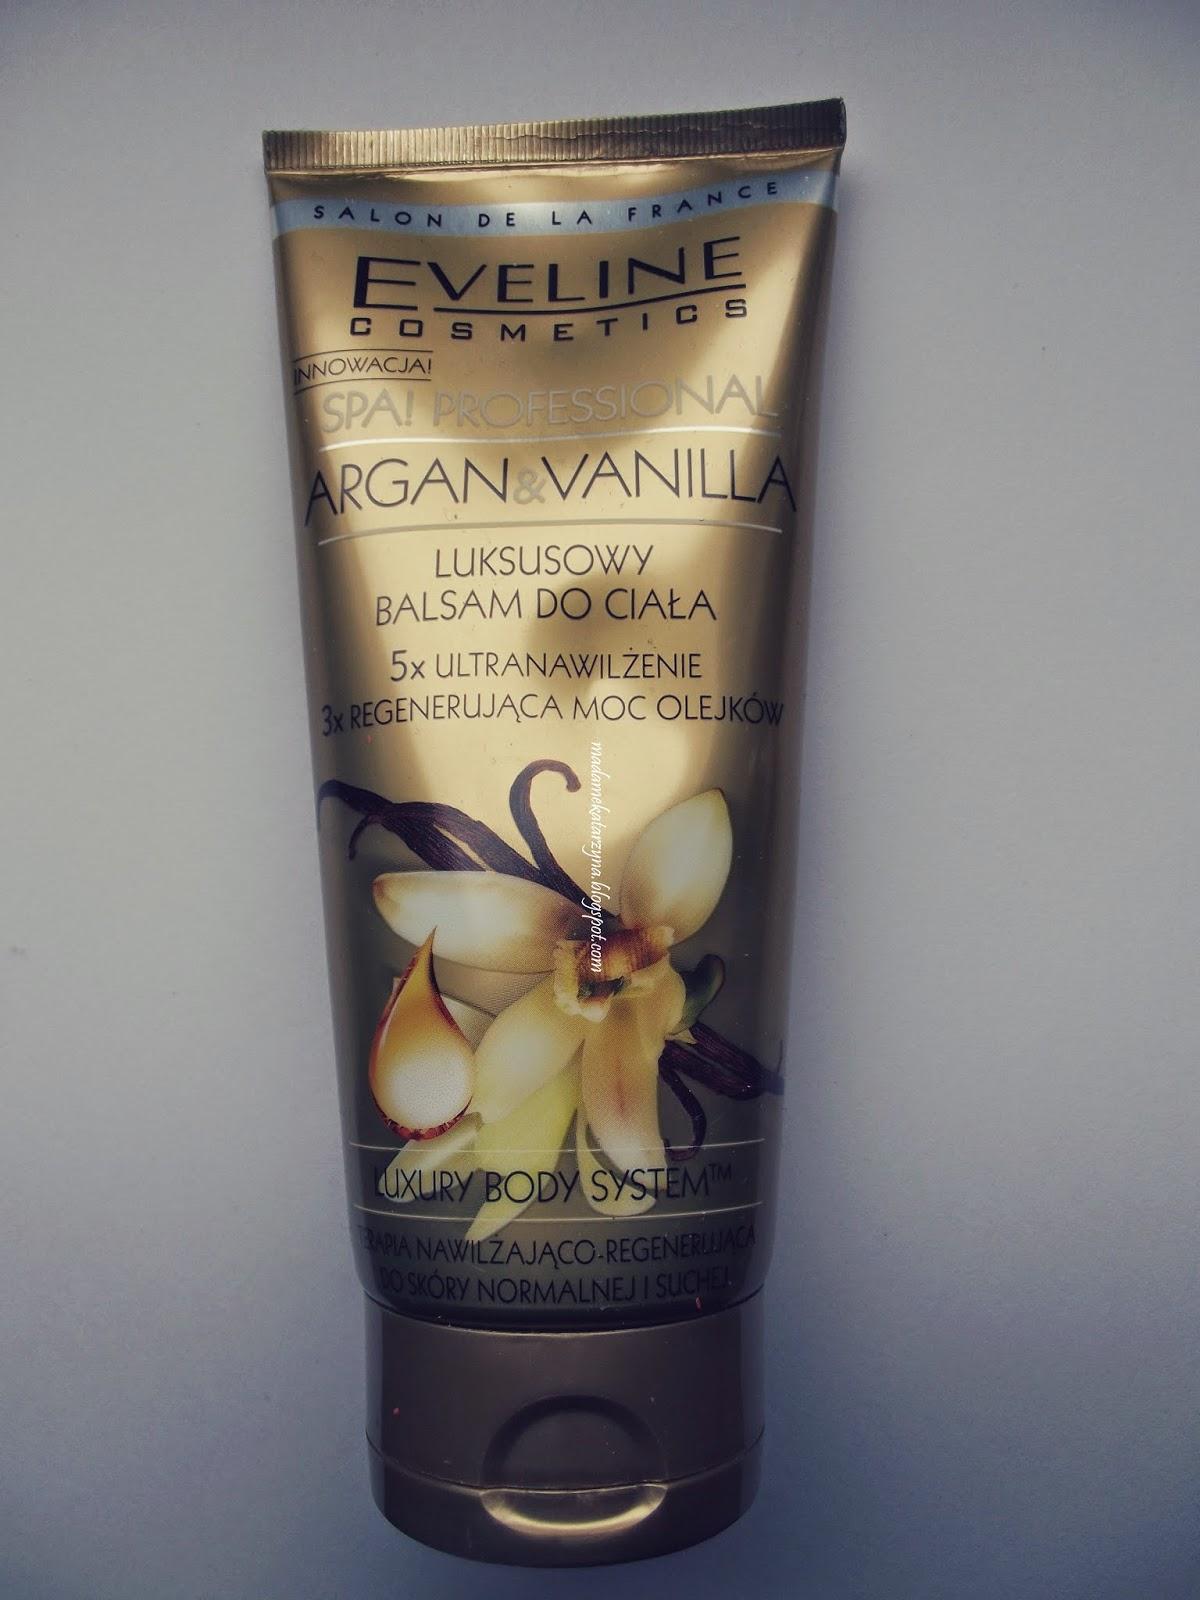 Eveline, Argan & Vanilla, Luksusowy balsam do ciała  ♥ recenzja